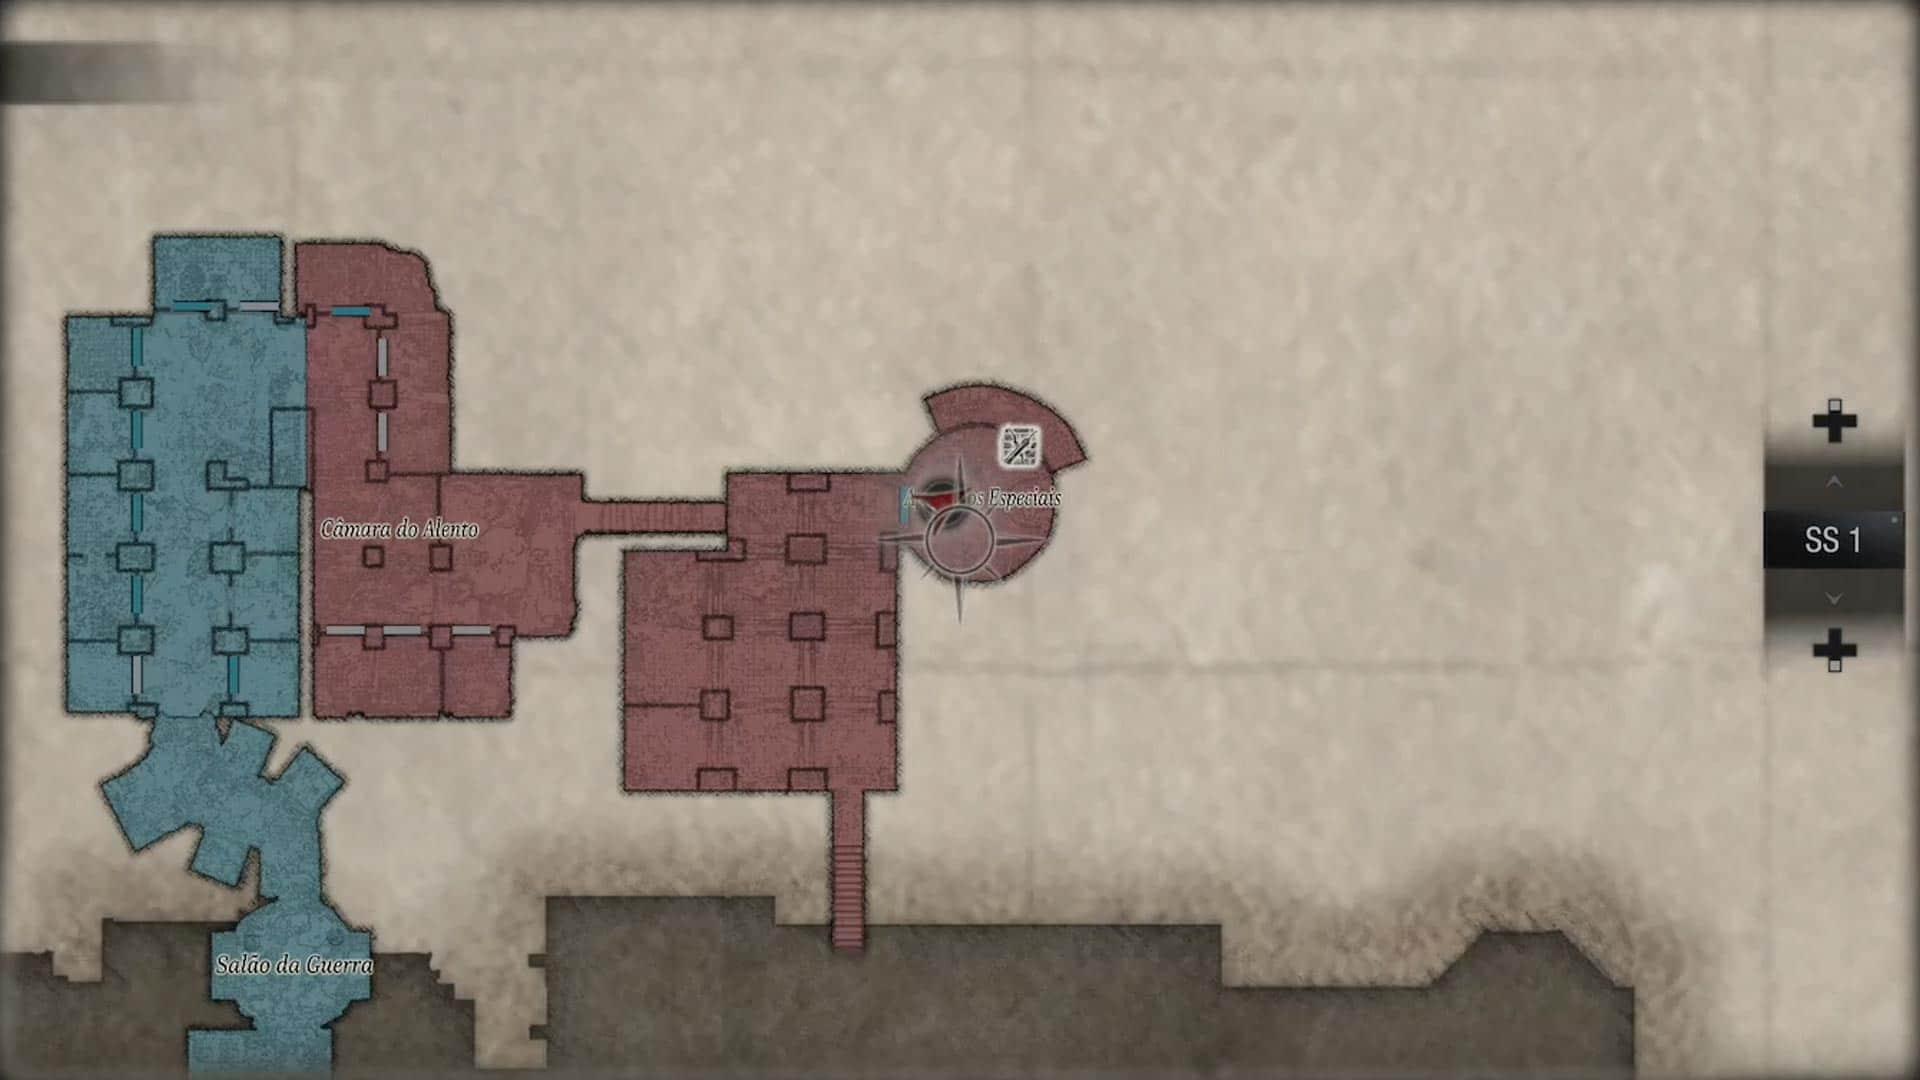 mapa-tesouro-1